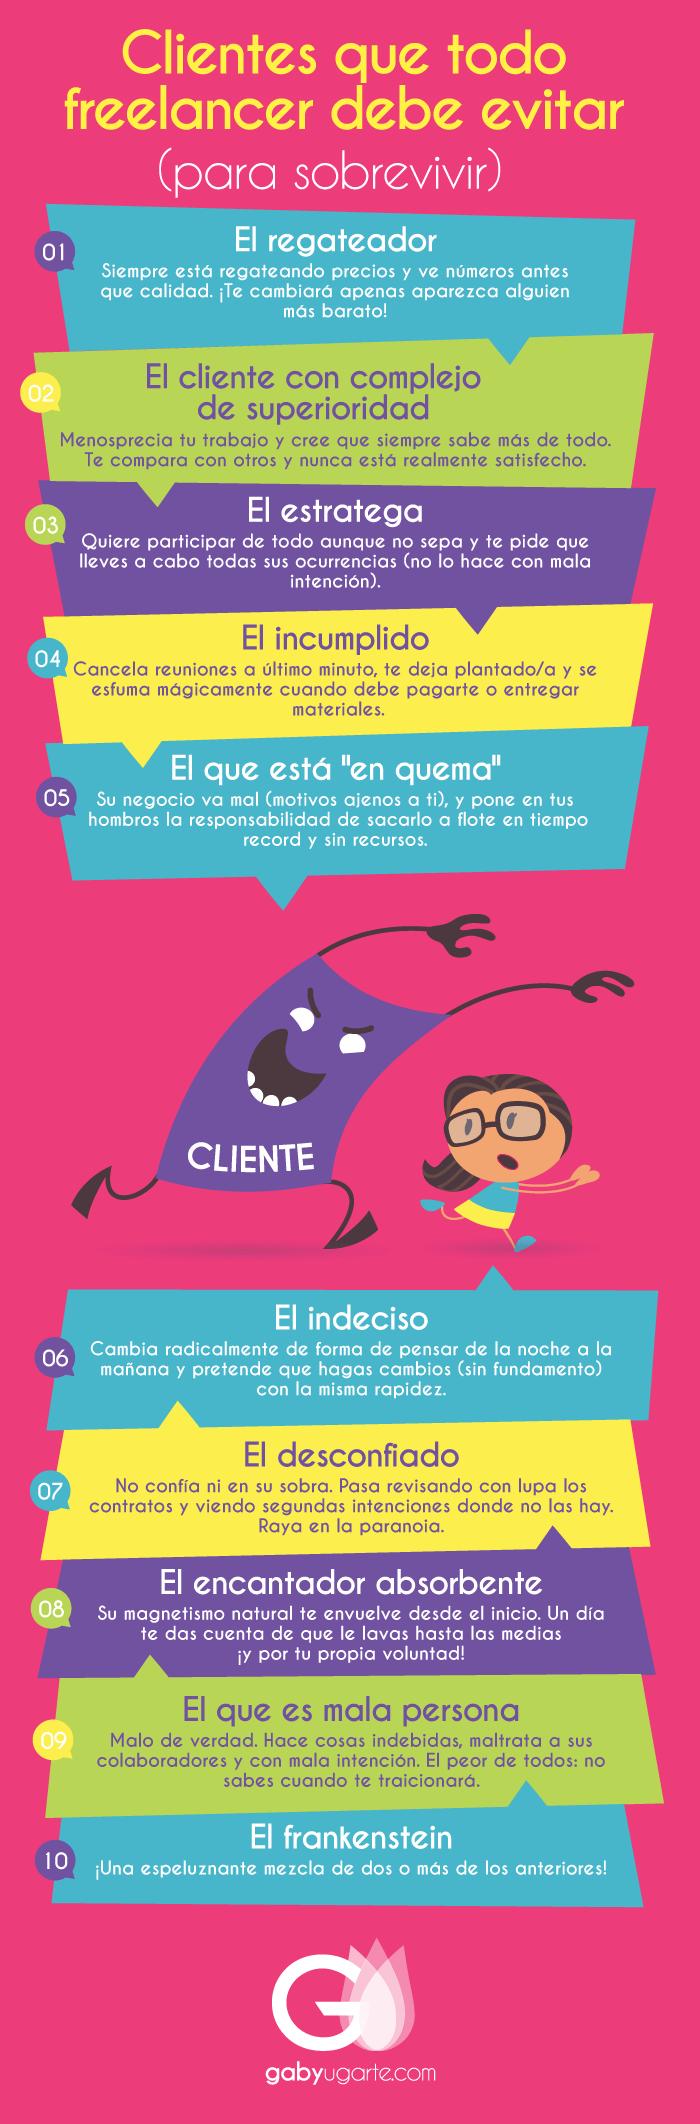 10 tipos de clientes que un freelance debe evitar